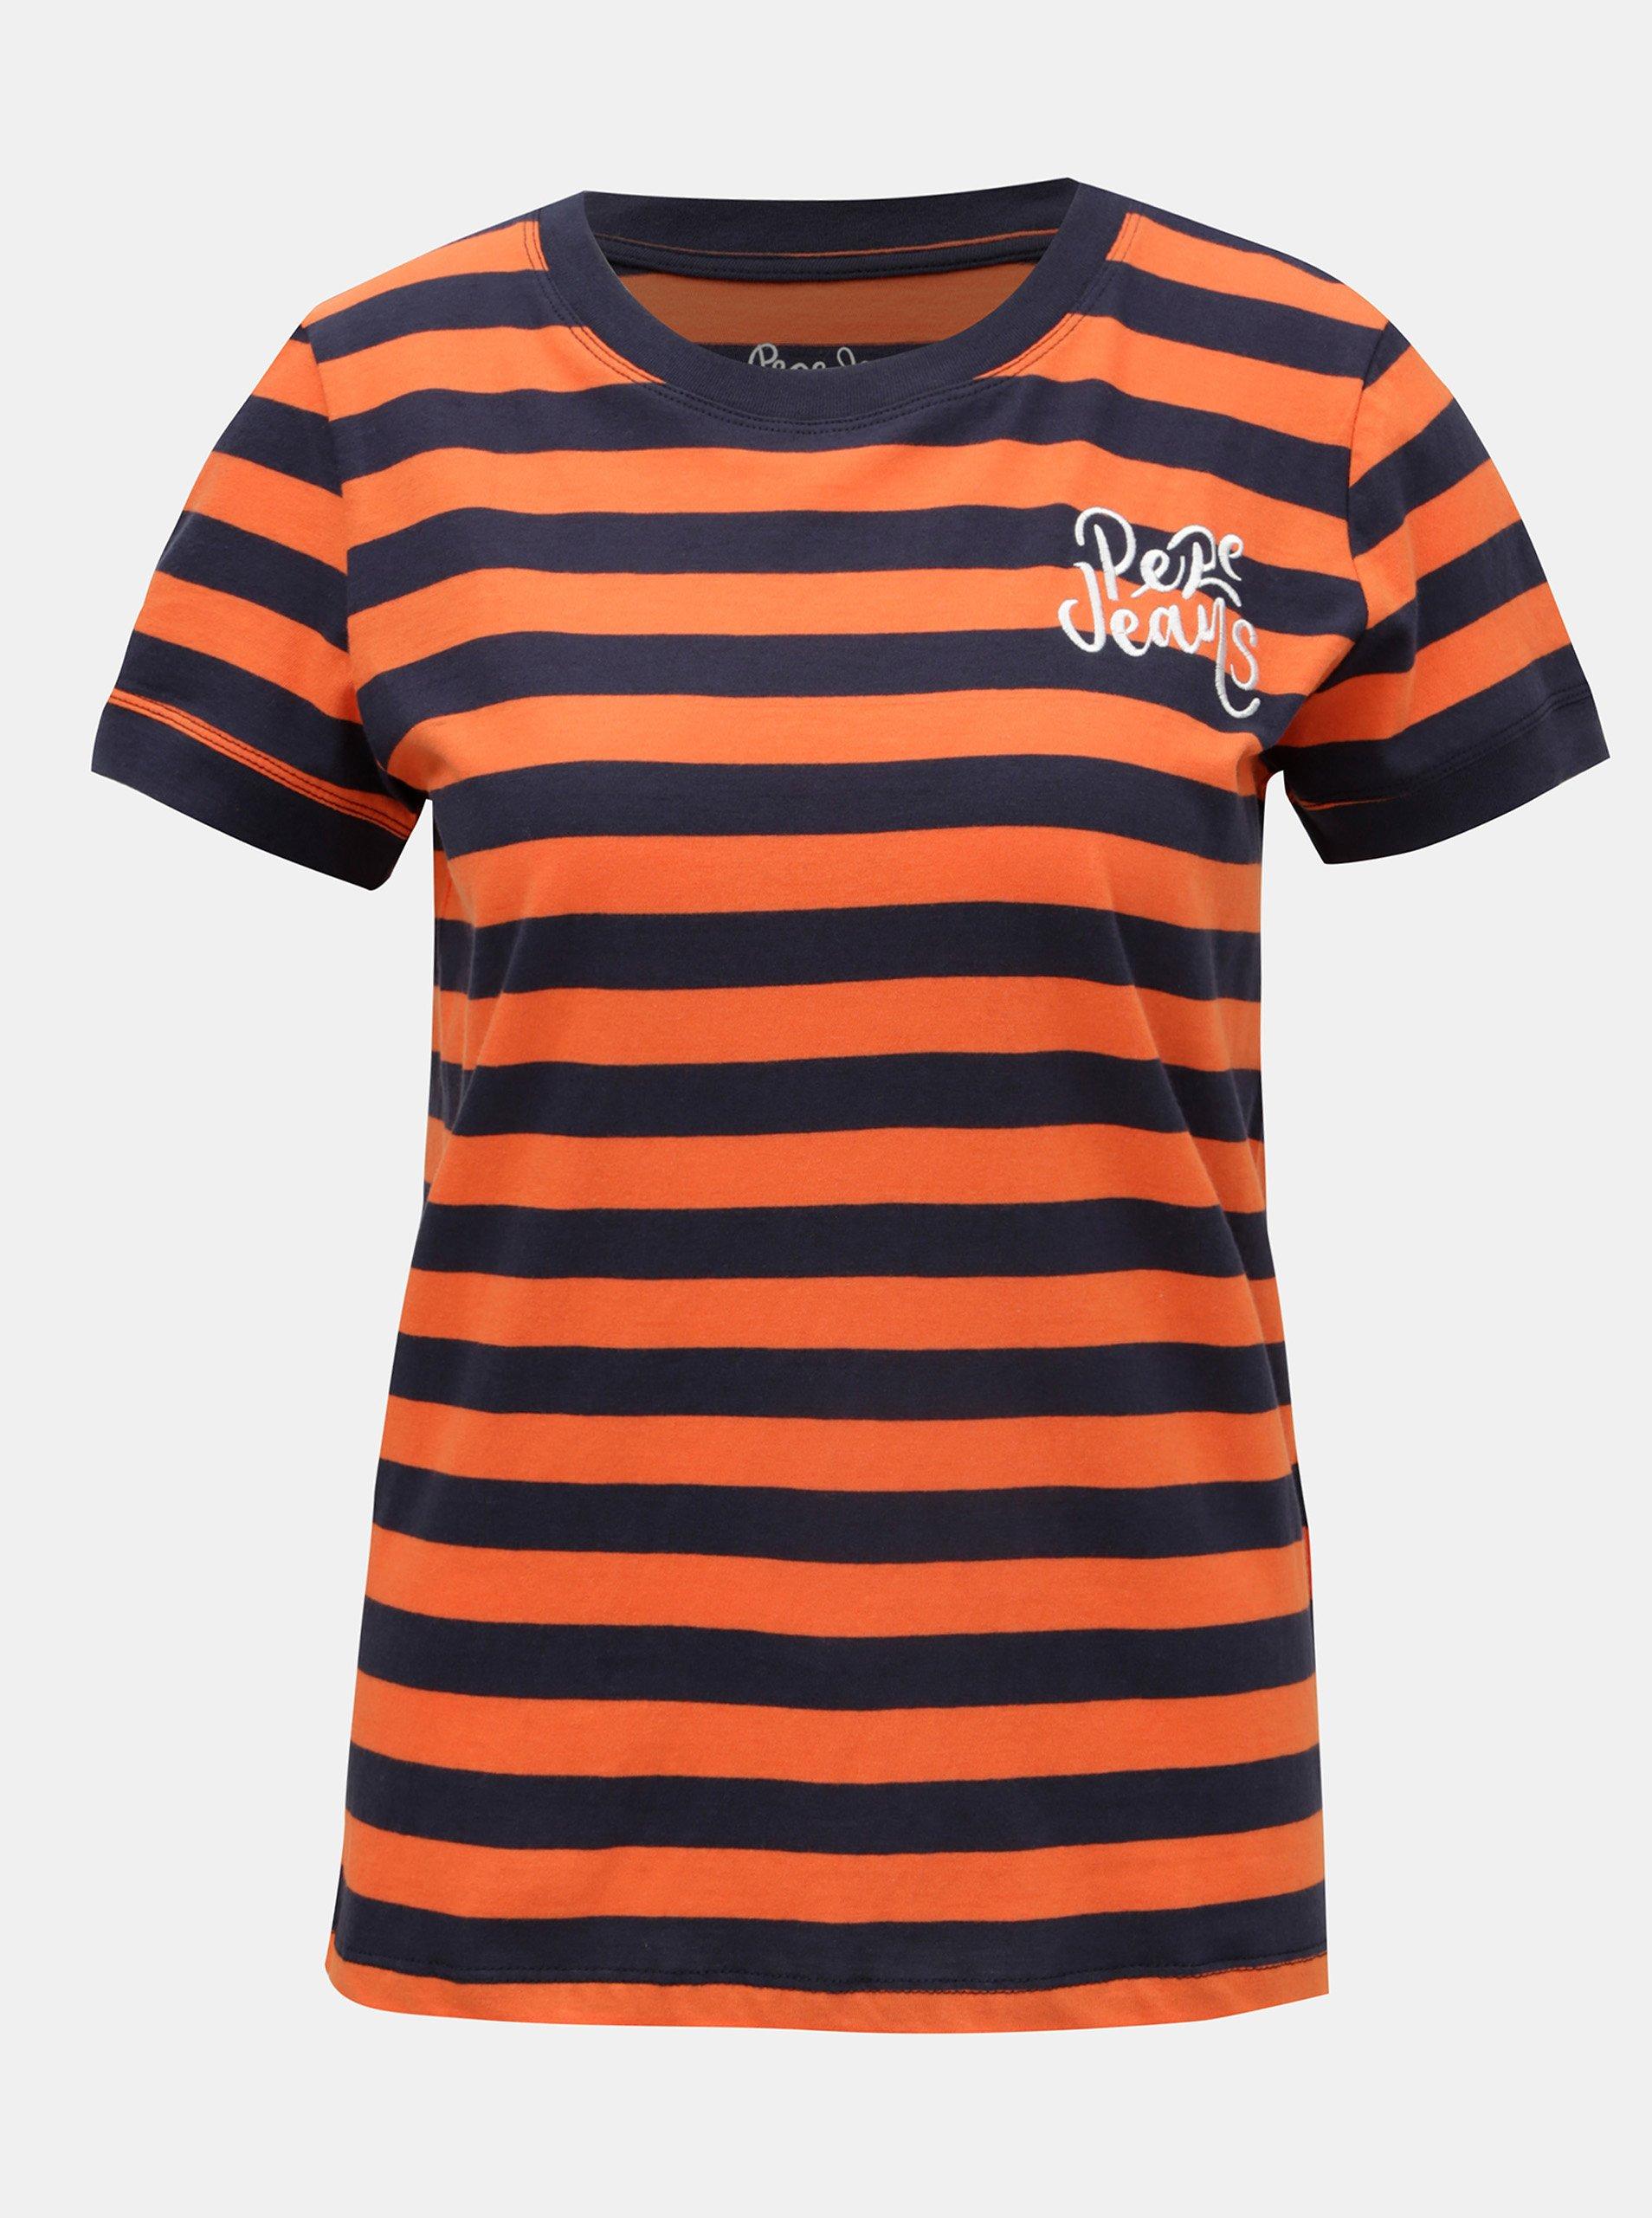 Modro-oranžové dámské pruhované tričko s výšivkou Pepe Jeans